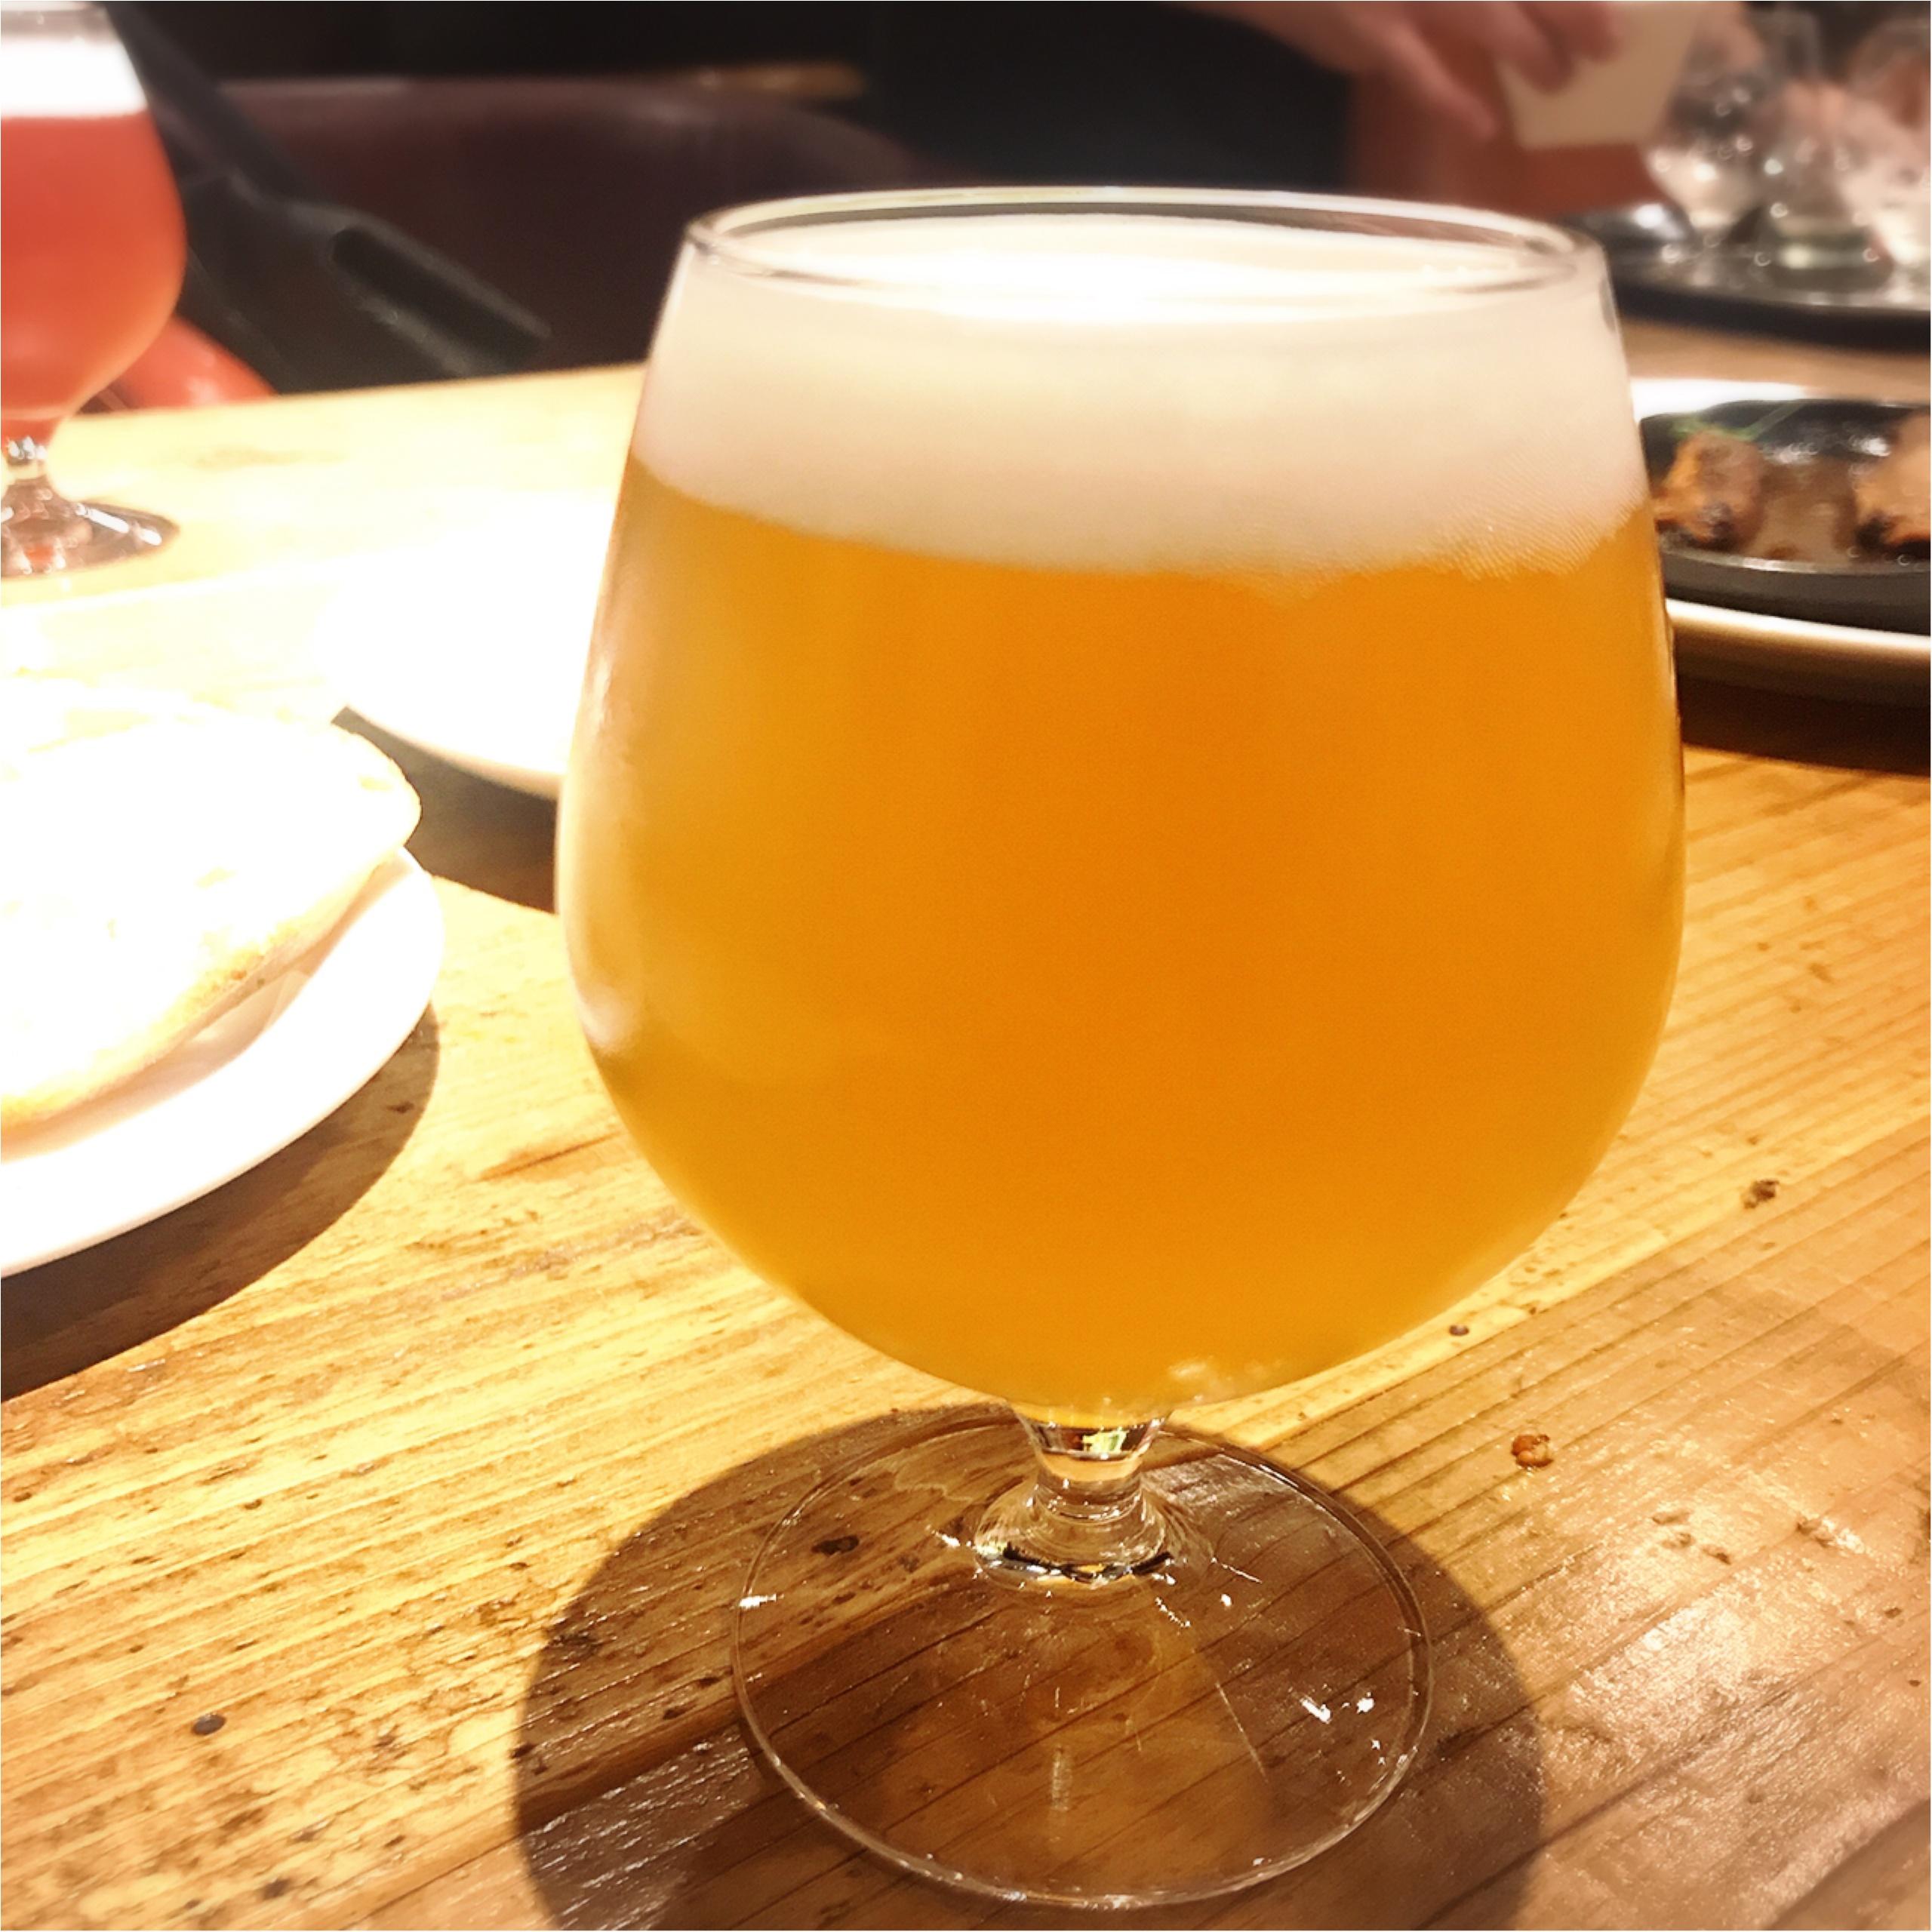 【北千住グルメ】ビール好き必見!「さかづきBrewing」の自家製クラフトビール♡_3